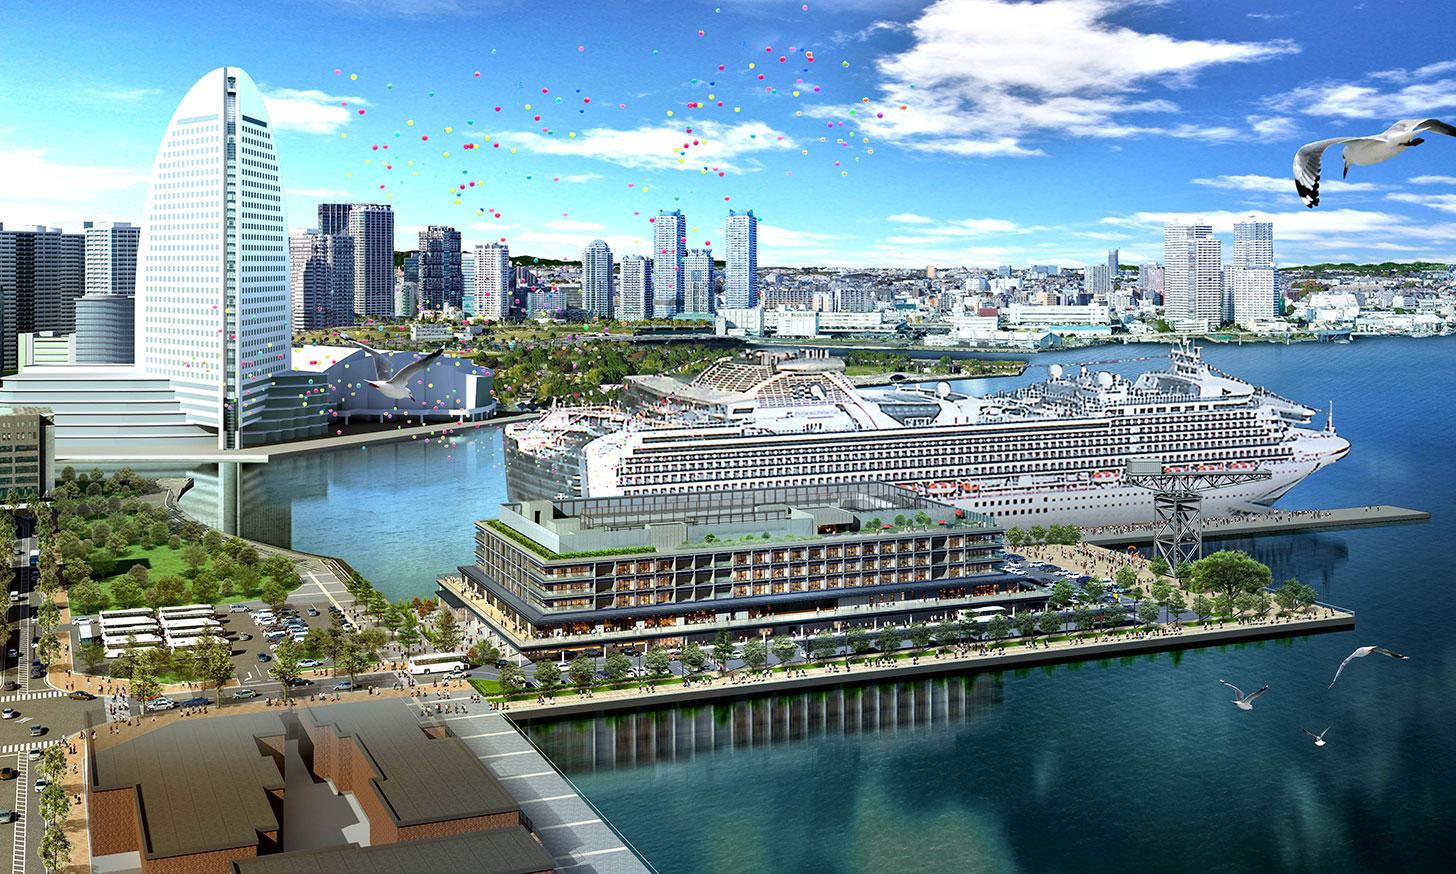 インターコンチネンタル横浜Pier 8、みなとみらいに開業!客船停泊のふ頭内